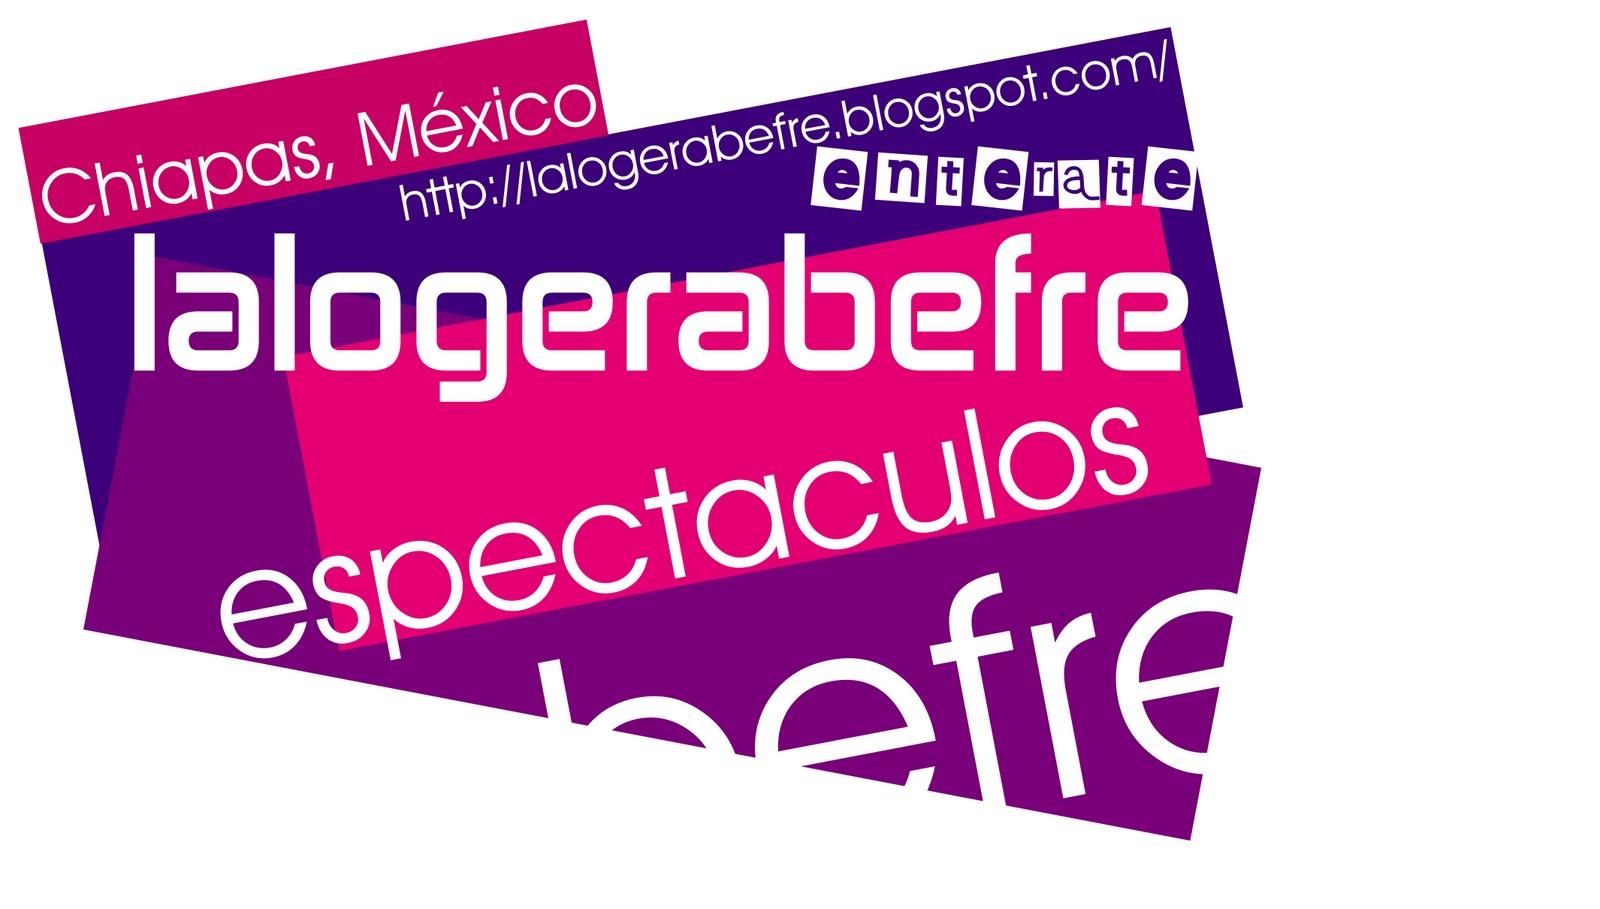 Lalogerabefre espectaculos hoy belanova en m xico suena for Espectaculos mexico hoy